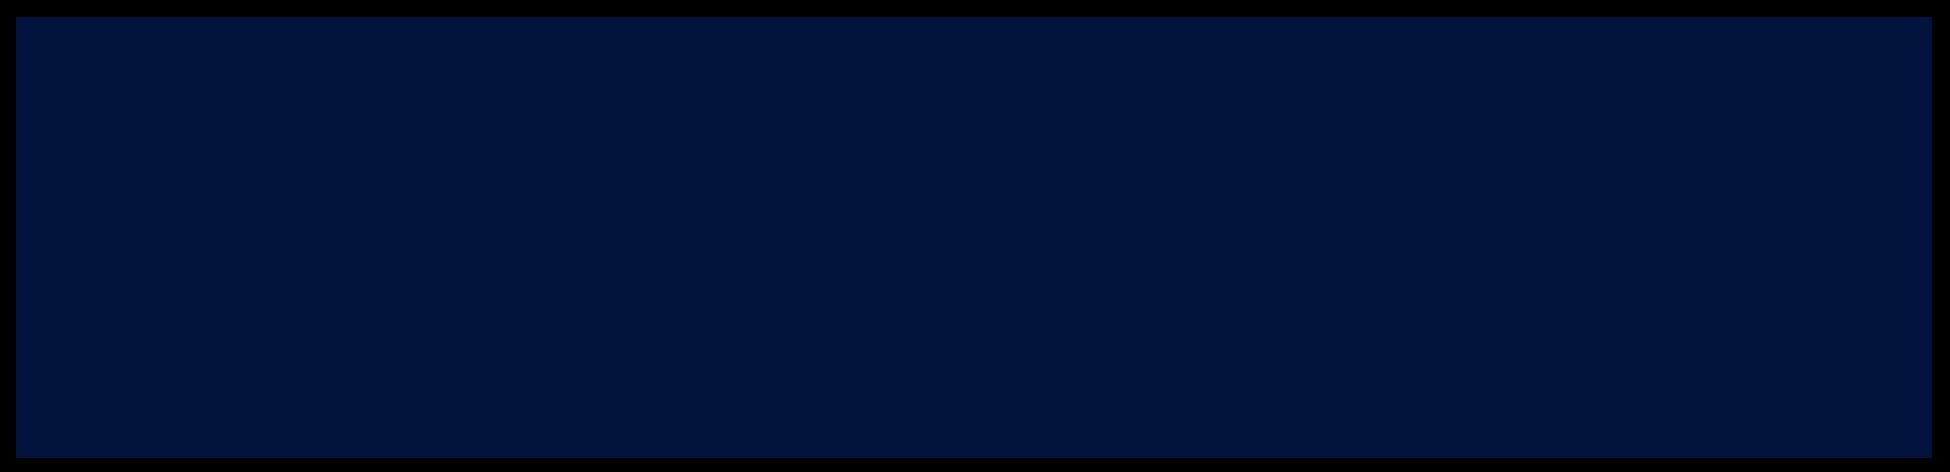 Electrolux - logo blue